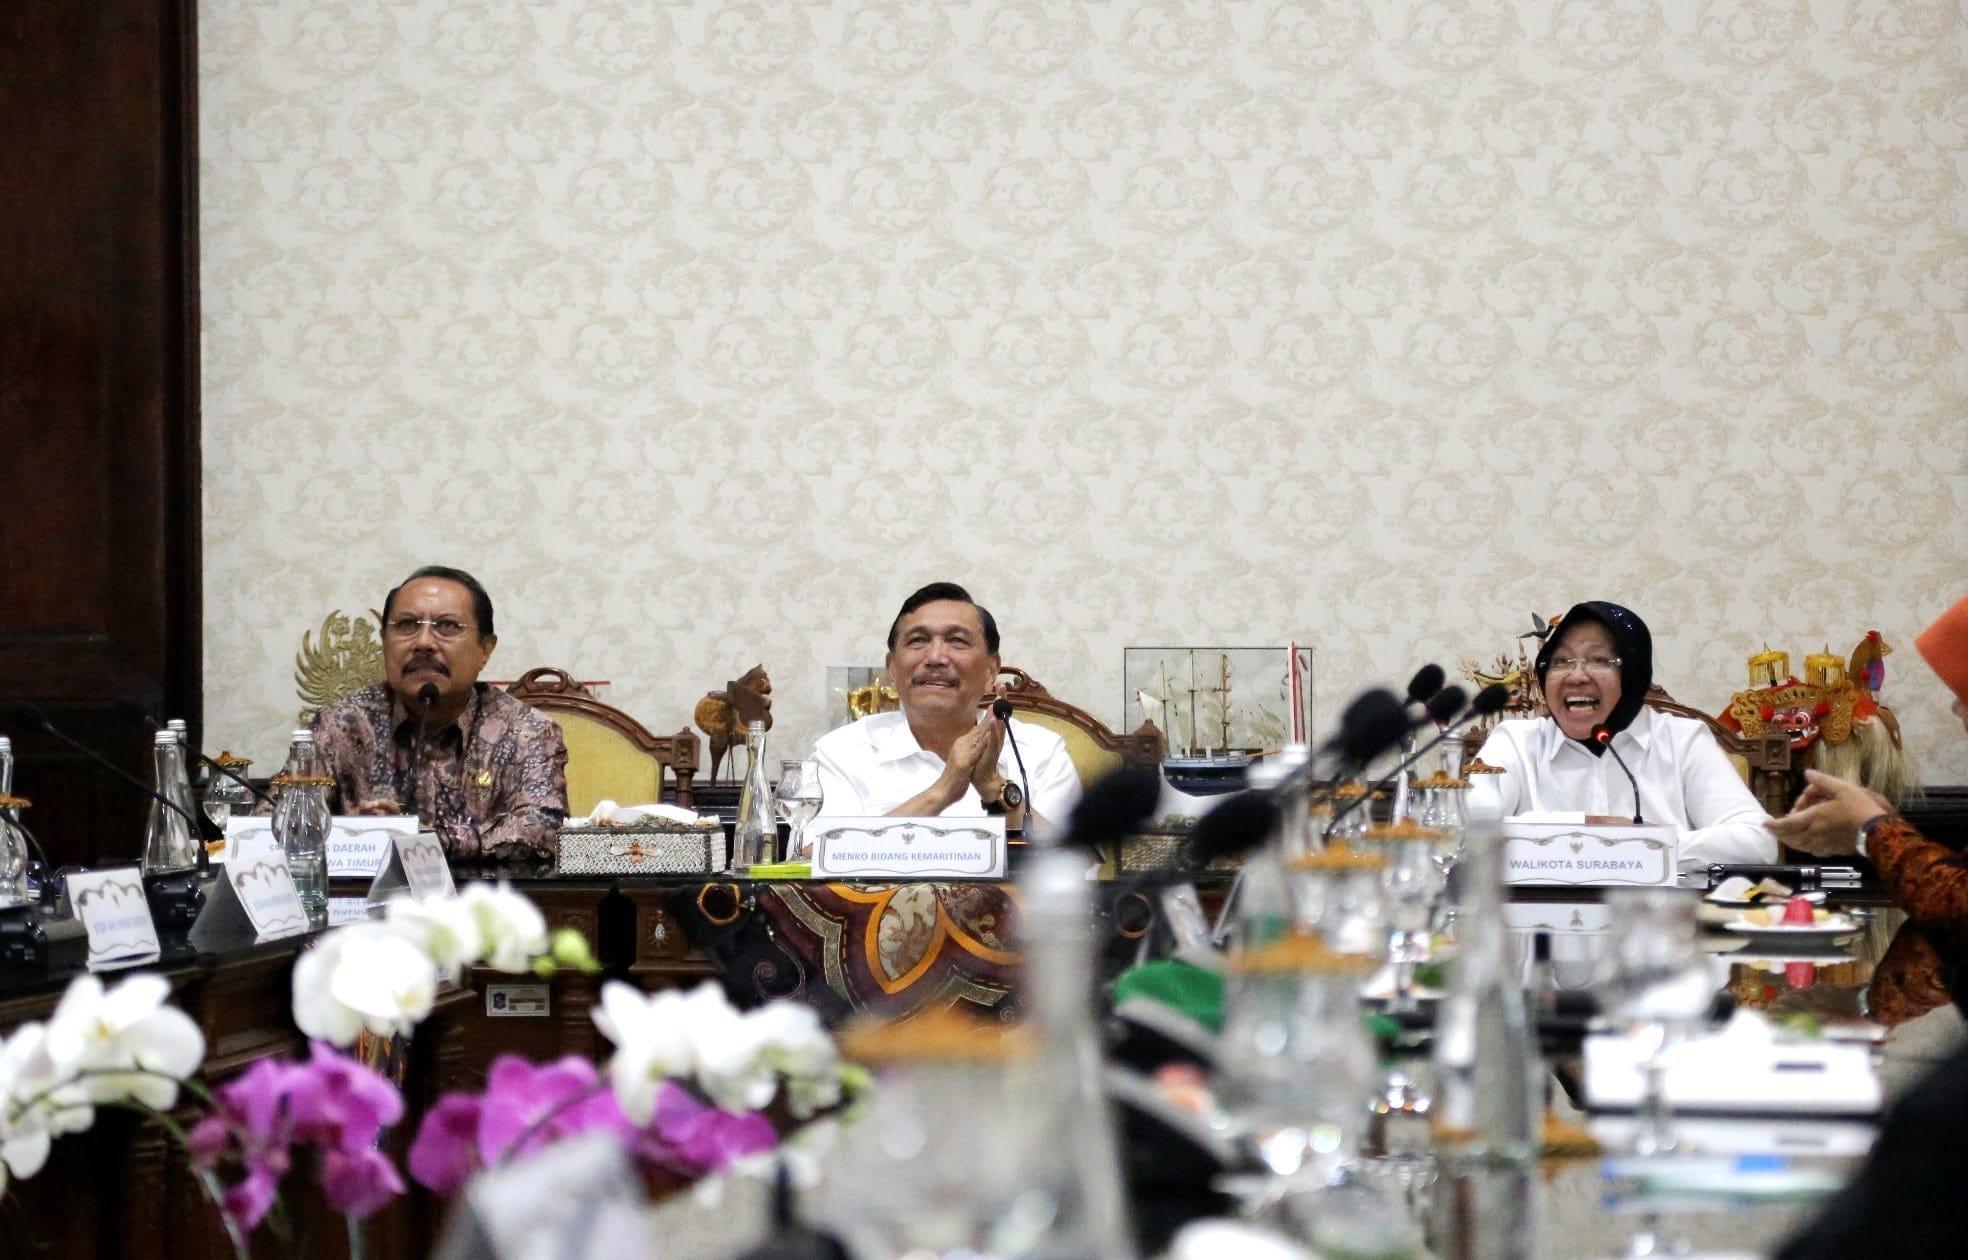 Rakor Percepatan Gerakan Budaya Bersih dan Senyum di Balai Kota Surabaya